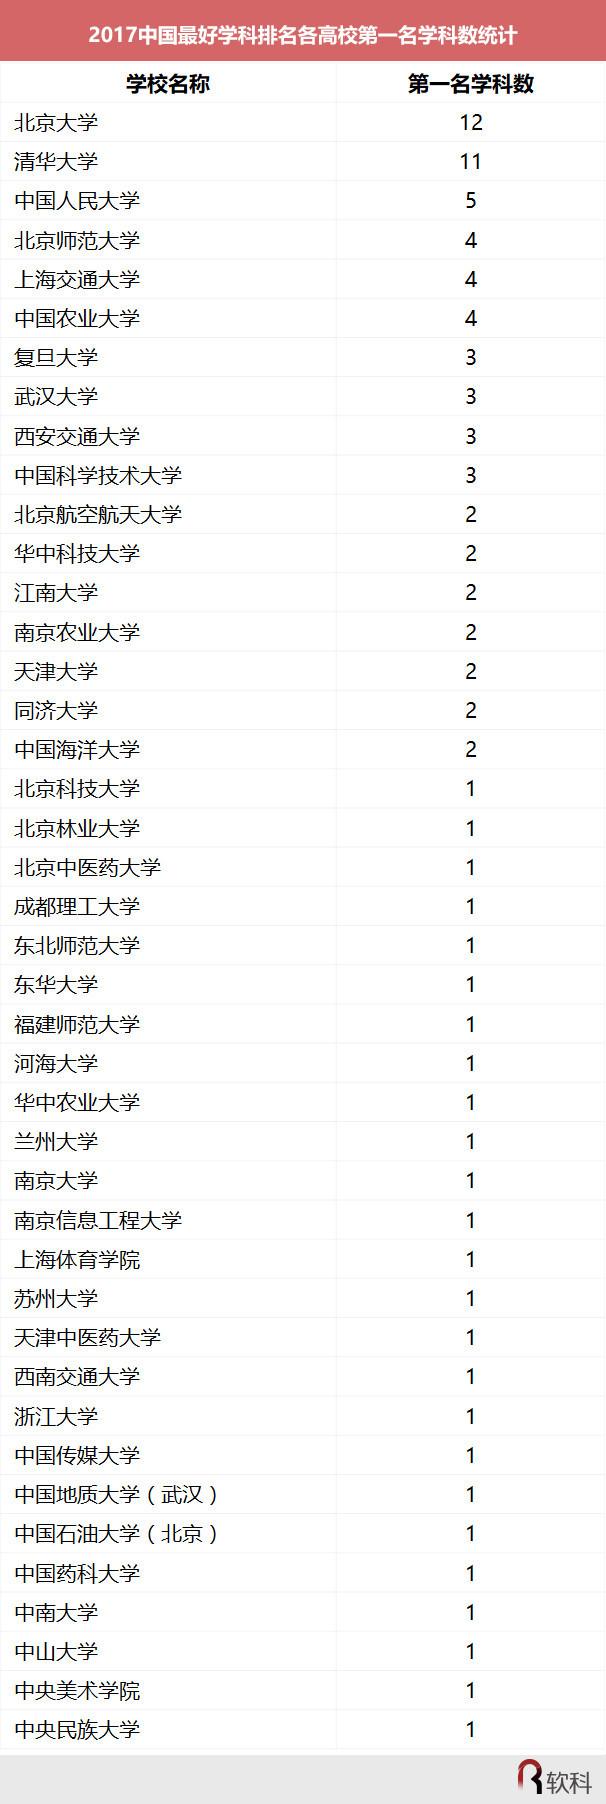 中国最好学科排名:北大12个学科名列榜首,全国最多